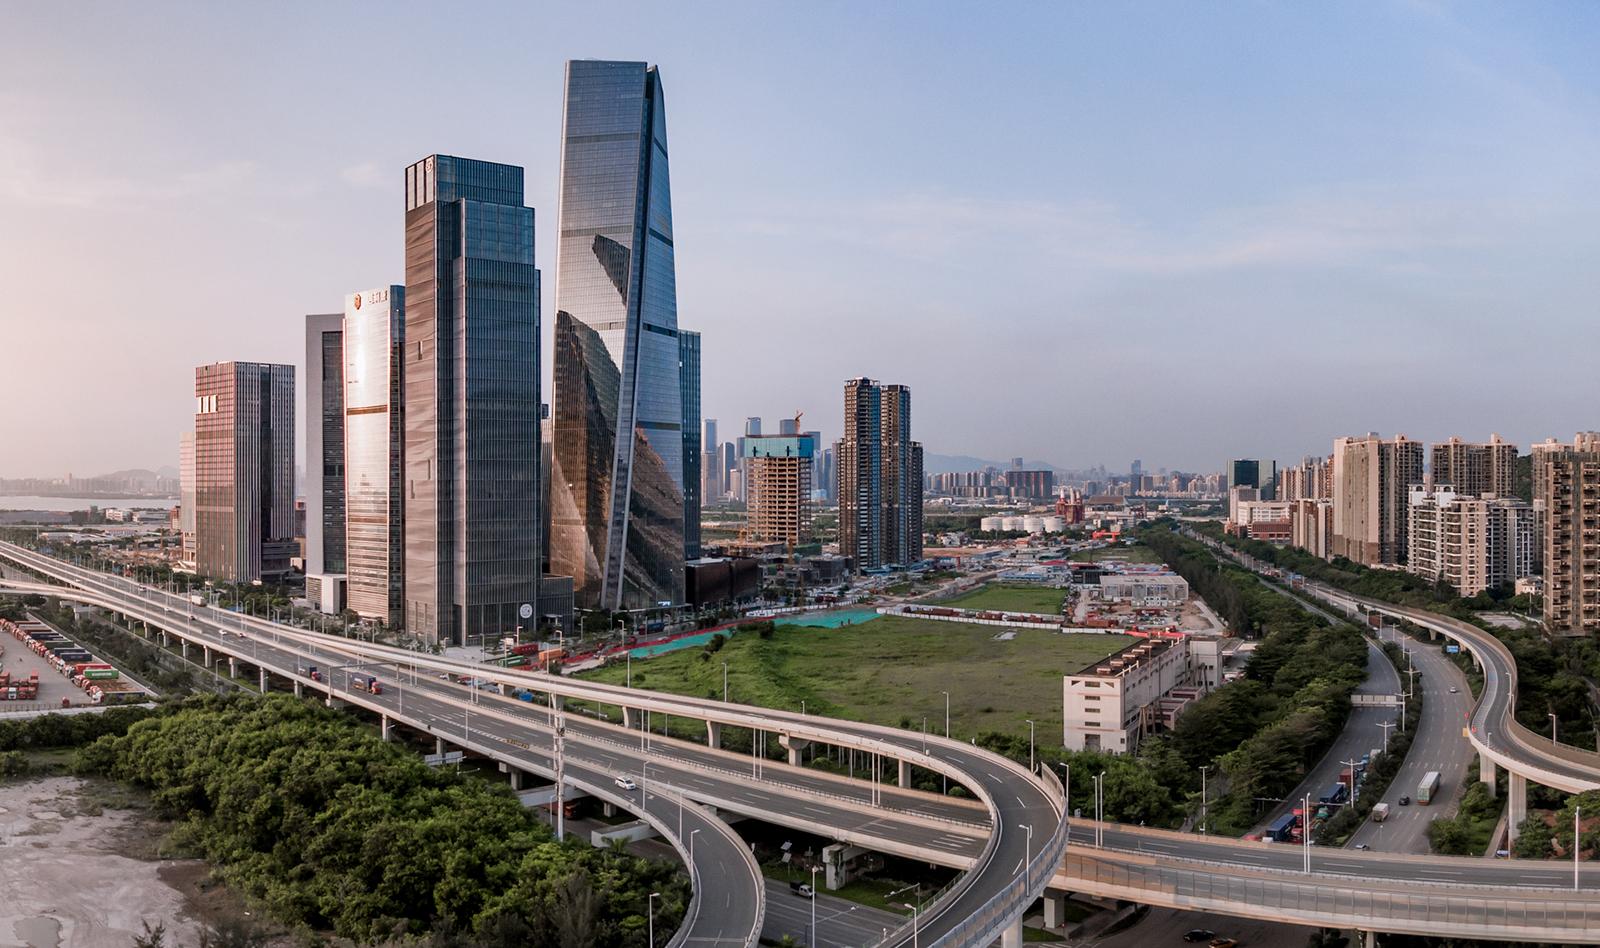 Shimao Qianhai Center in Shenzhen, China.